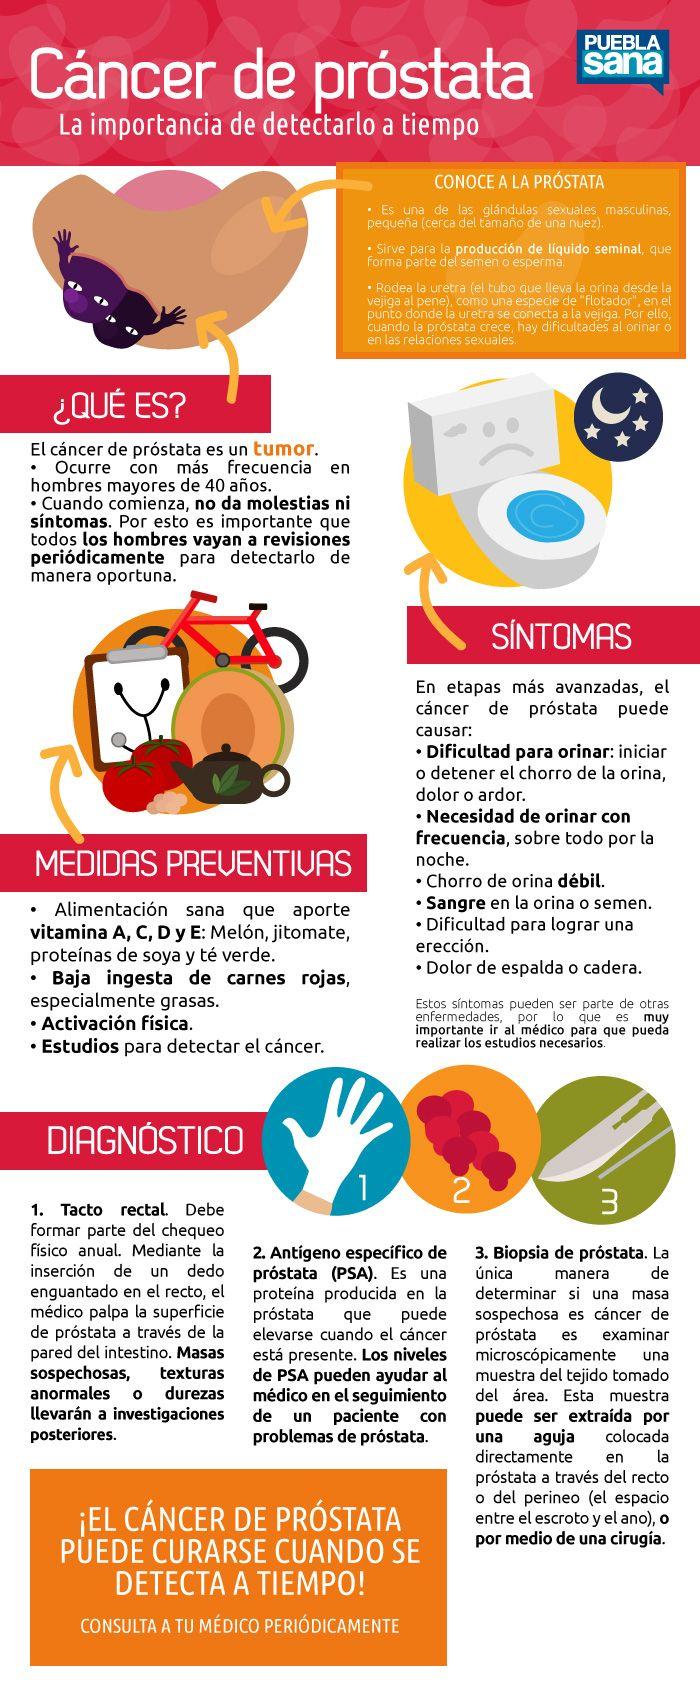 frutas prohibidas para cancer de prostata